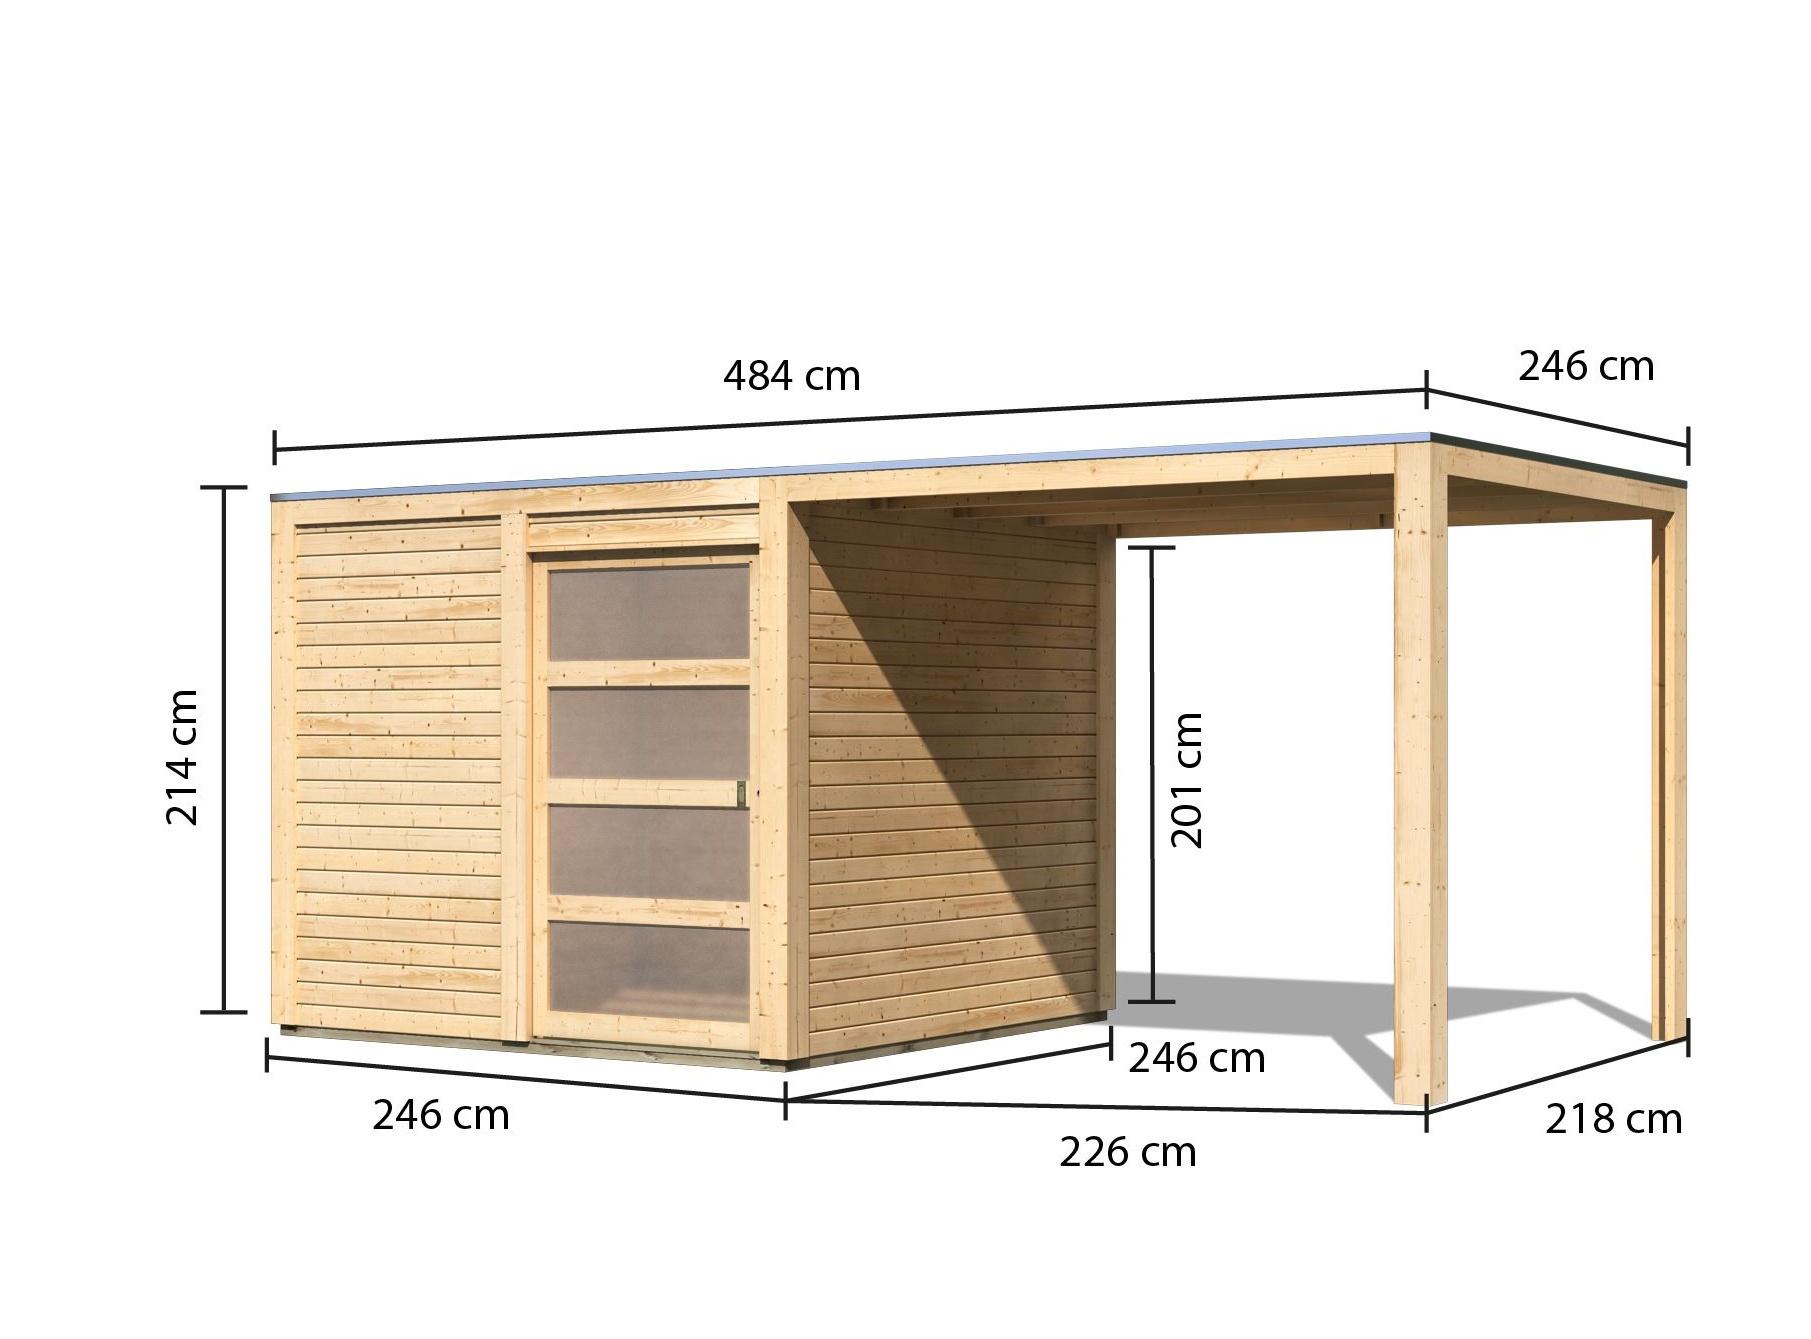 dřevěný domek KARIBU QUBIC 1 + přístavek (79847) natur